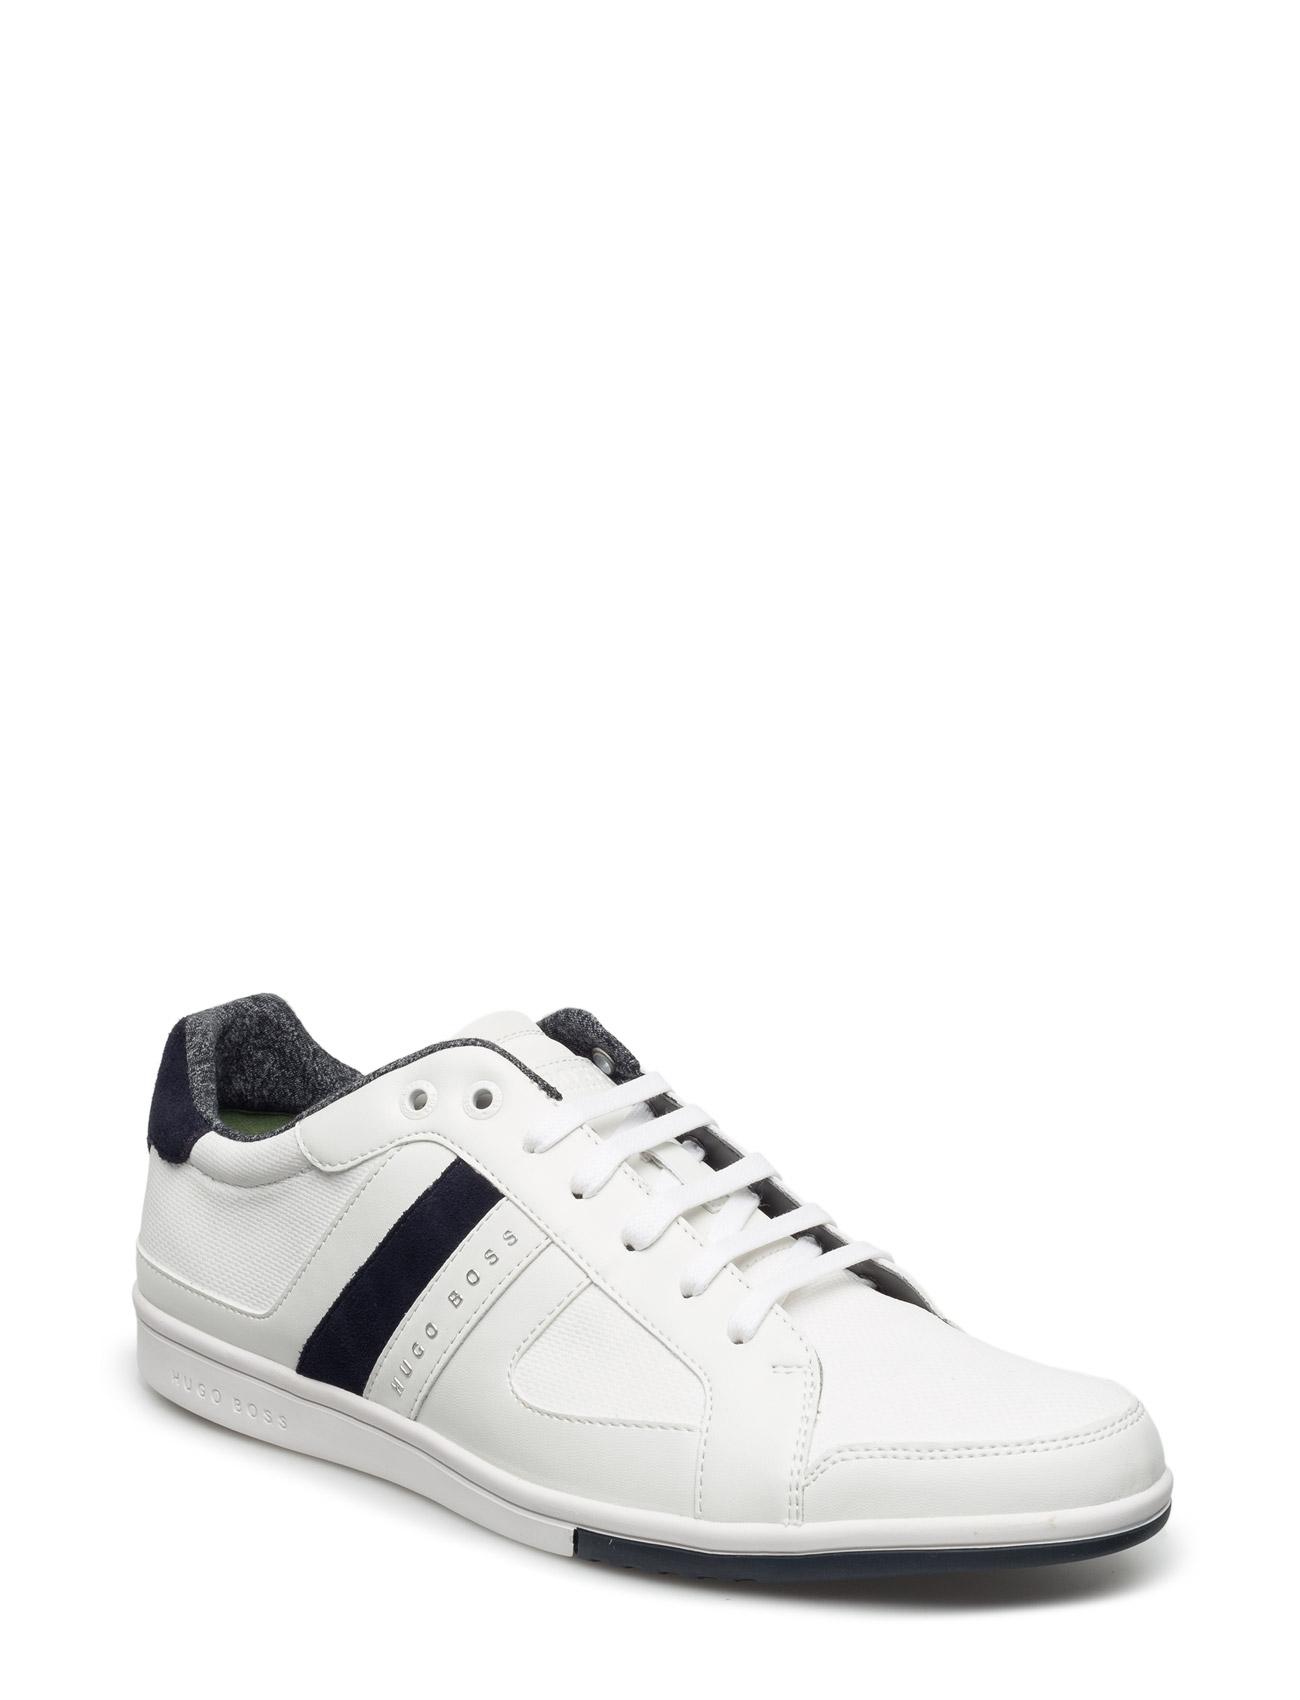 Metro_tenn_cvc BOSS GREEN Sneakers til Mænd i hvid